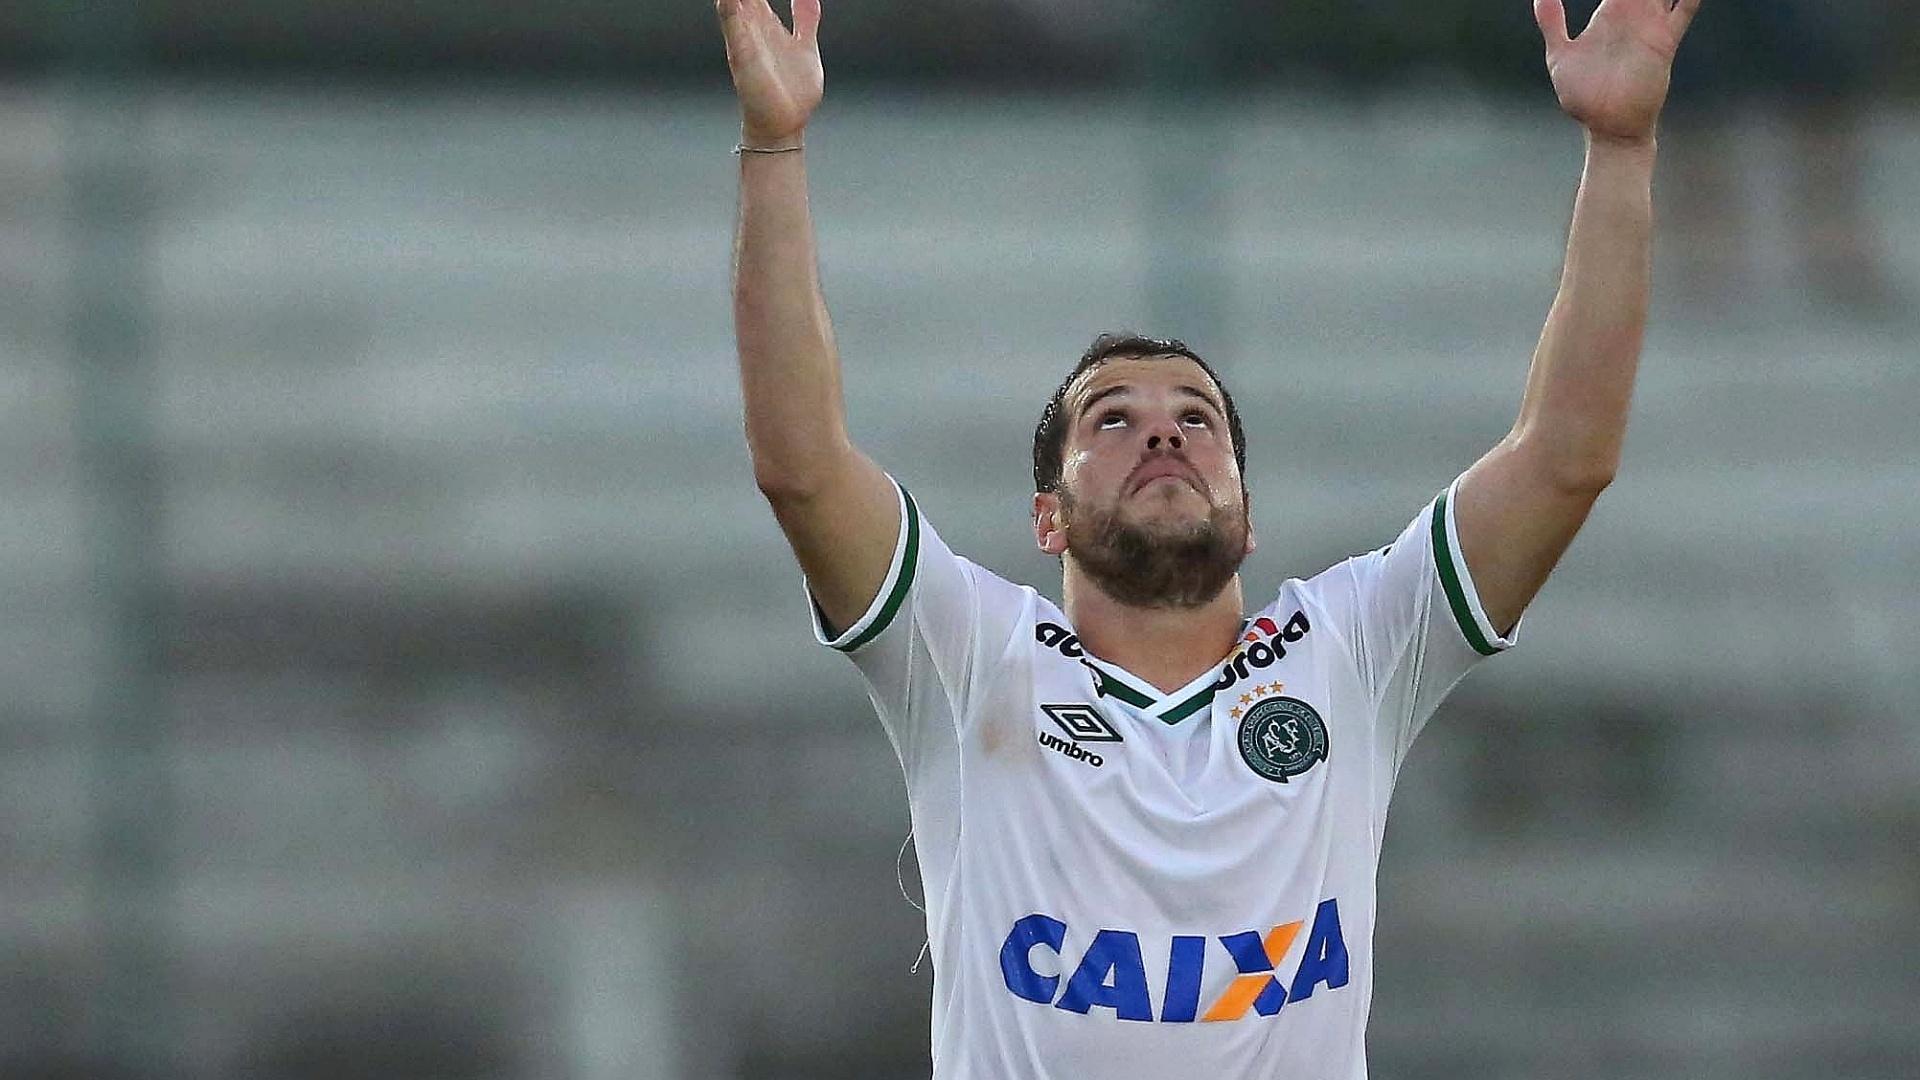 Tiago Luís celebra o gol marcado no fim do jogo entre Atlético-PR x Chapecoense